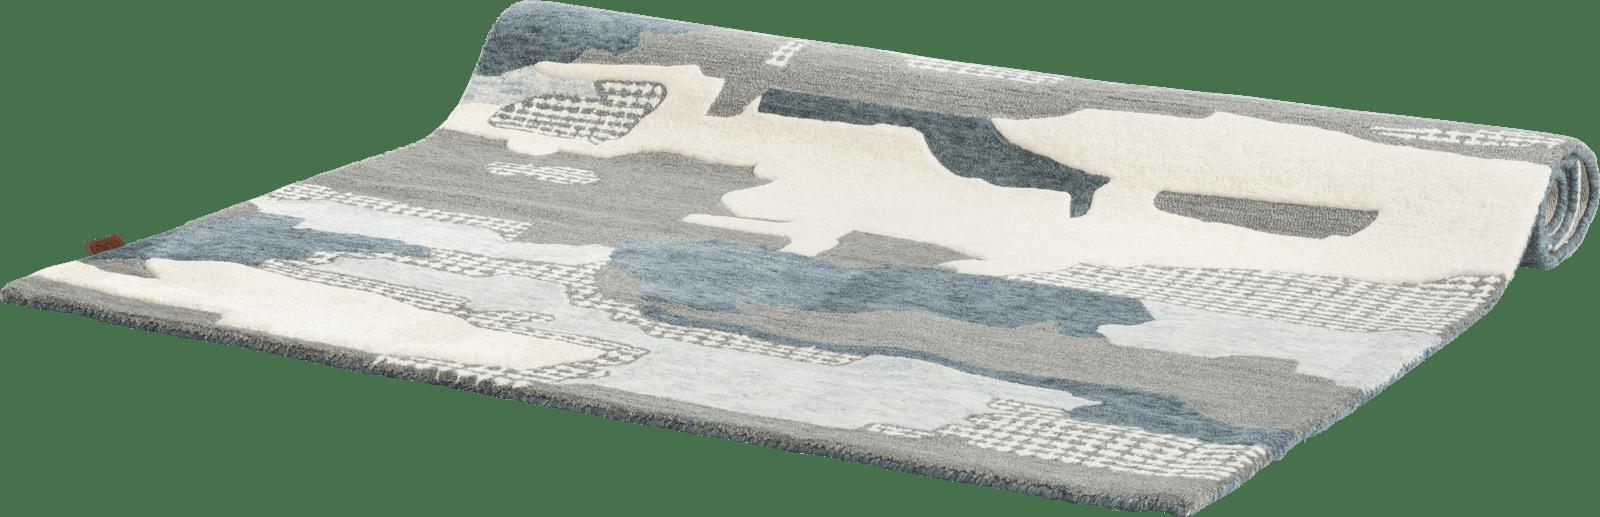 XOOON - Coco Maison - lexi rug 160x230cm